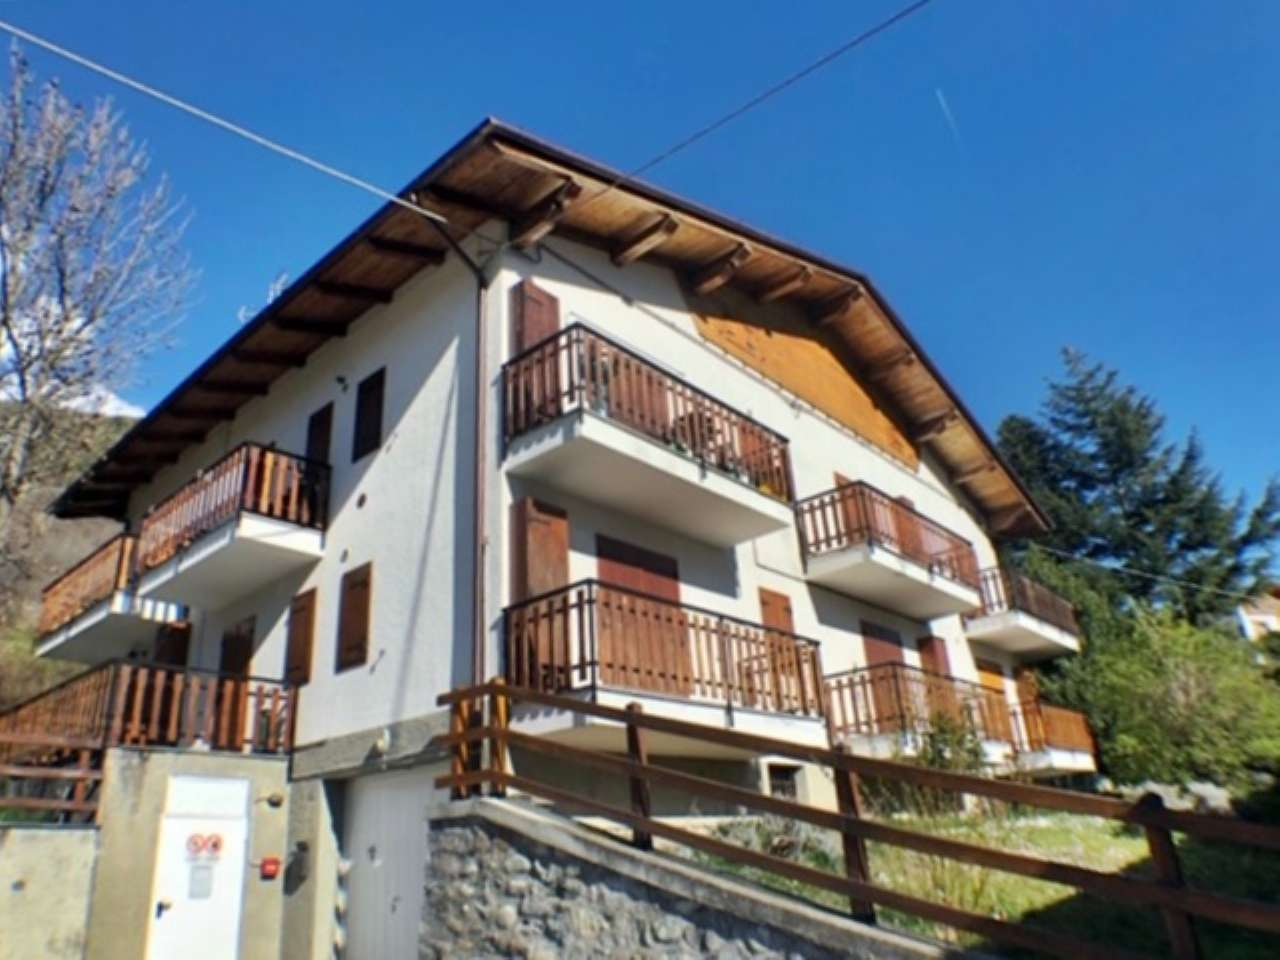 Appartamento in vendita a Roisan, 2 locali, prezzo € 87.000 | CambioCasa.it